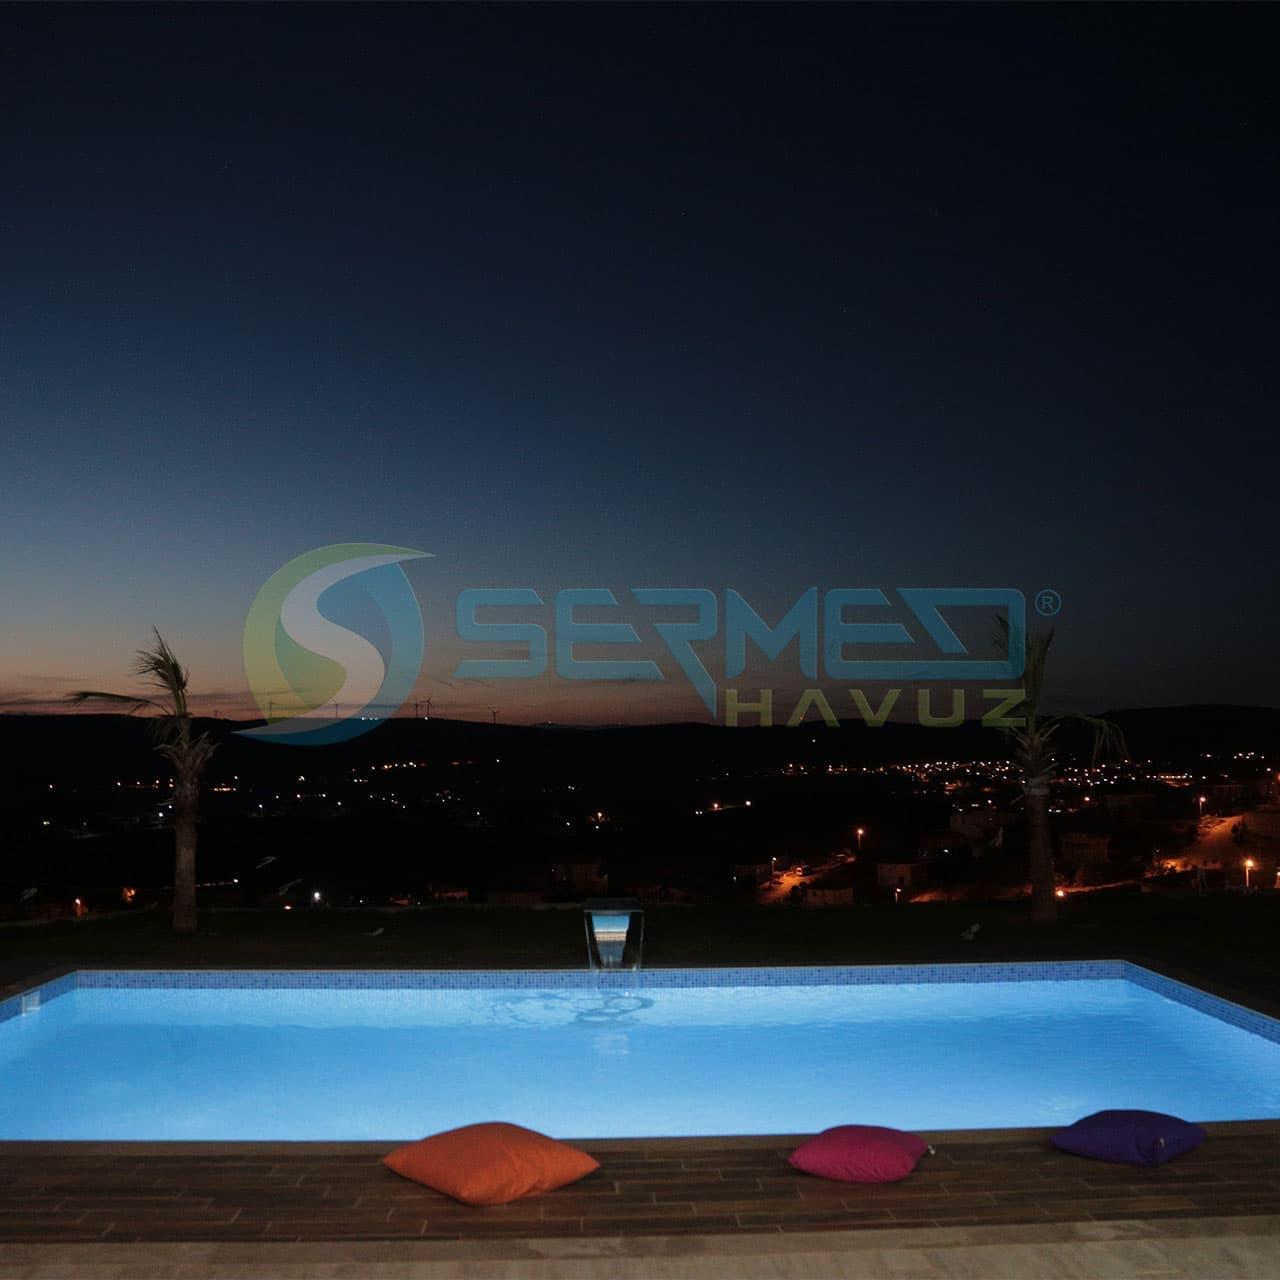 İzmir Fipool Skimmerli Panel Havuz Sermed Havuz Firması Tarafından Yapıldı